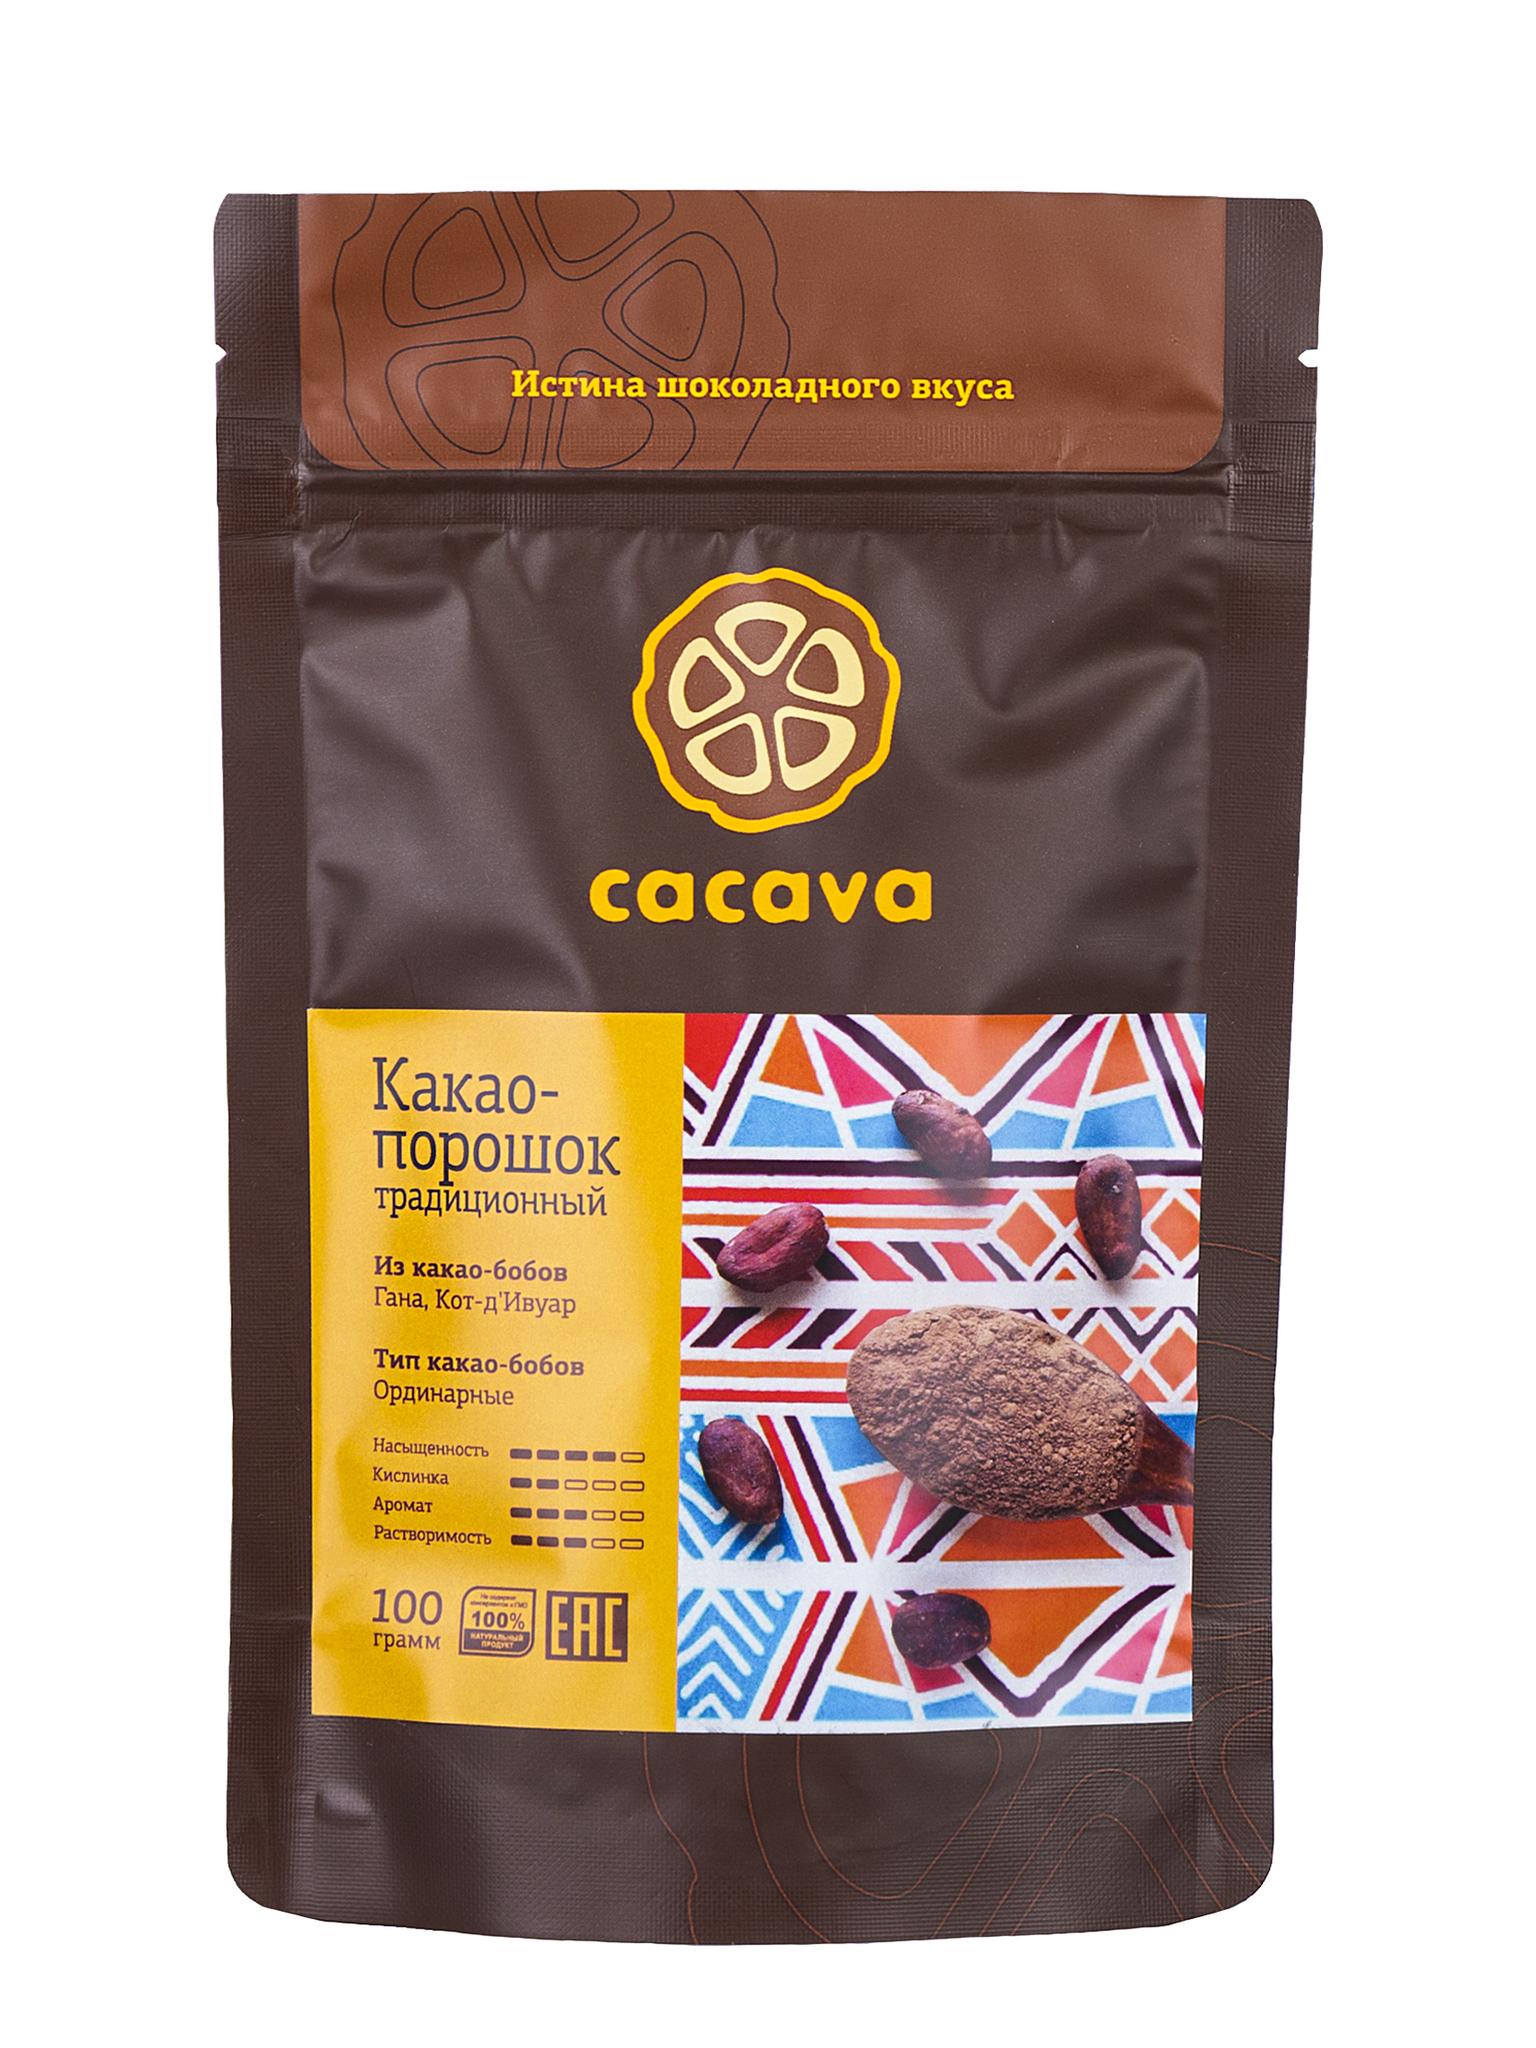 Какао-порошок Традиционный, упаковка 100 грамм